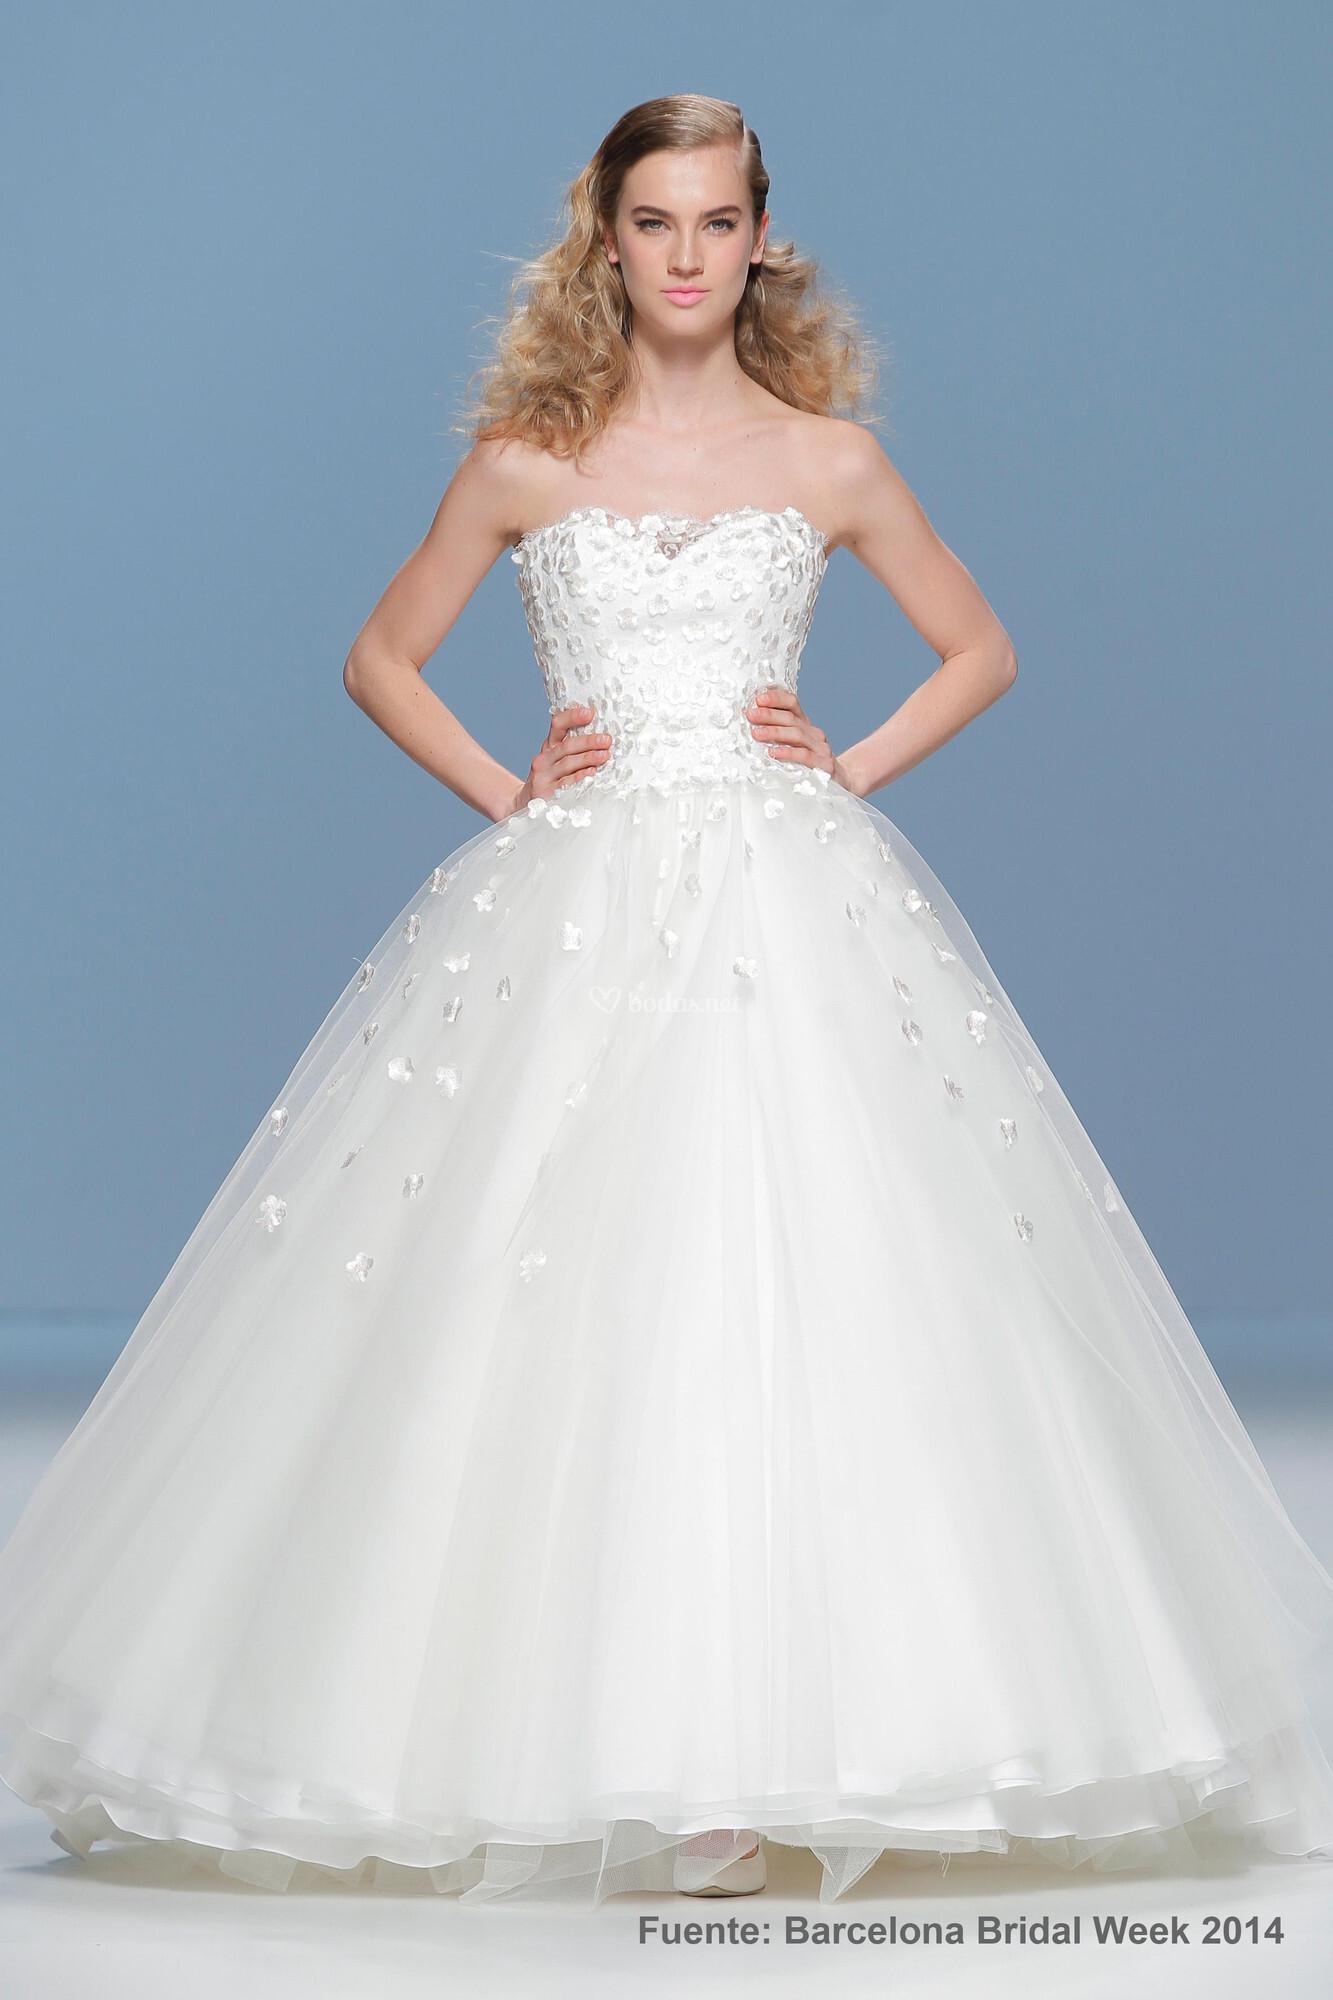 Ziemlich Cymbeline Vestidos De Novia Bilder - Brautkleider Ideen ...